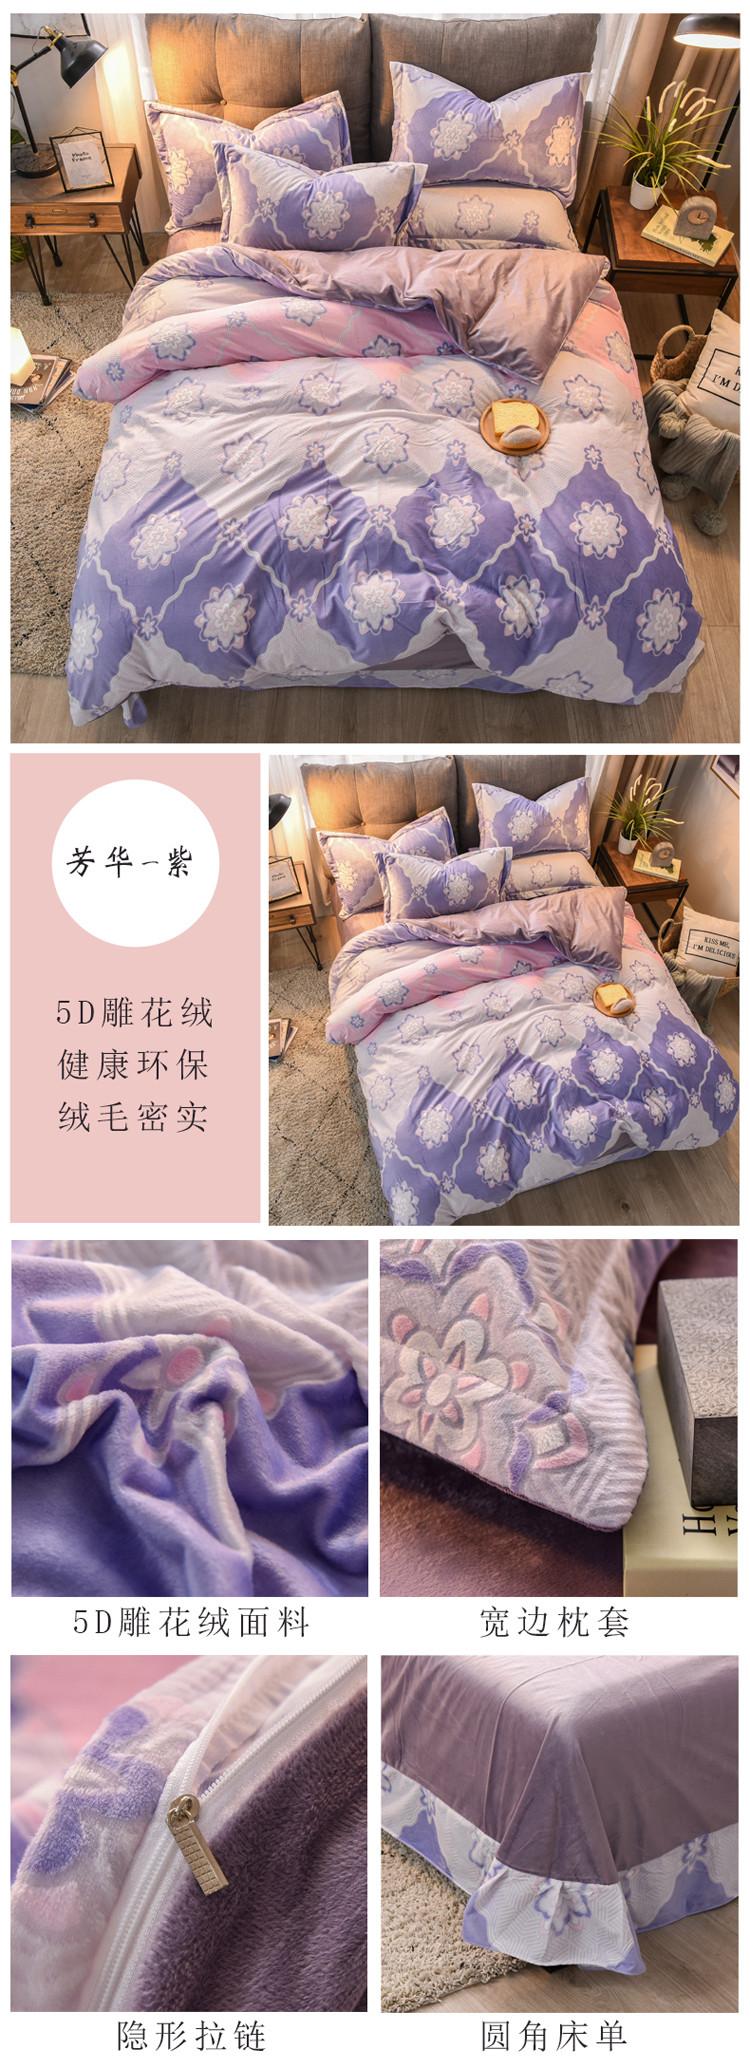 3芳华-紫.jpg